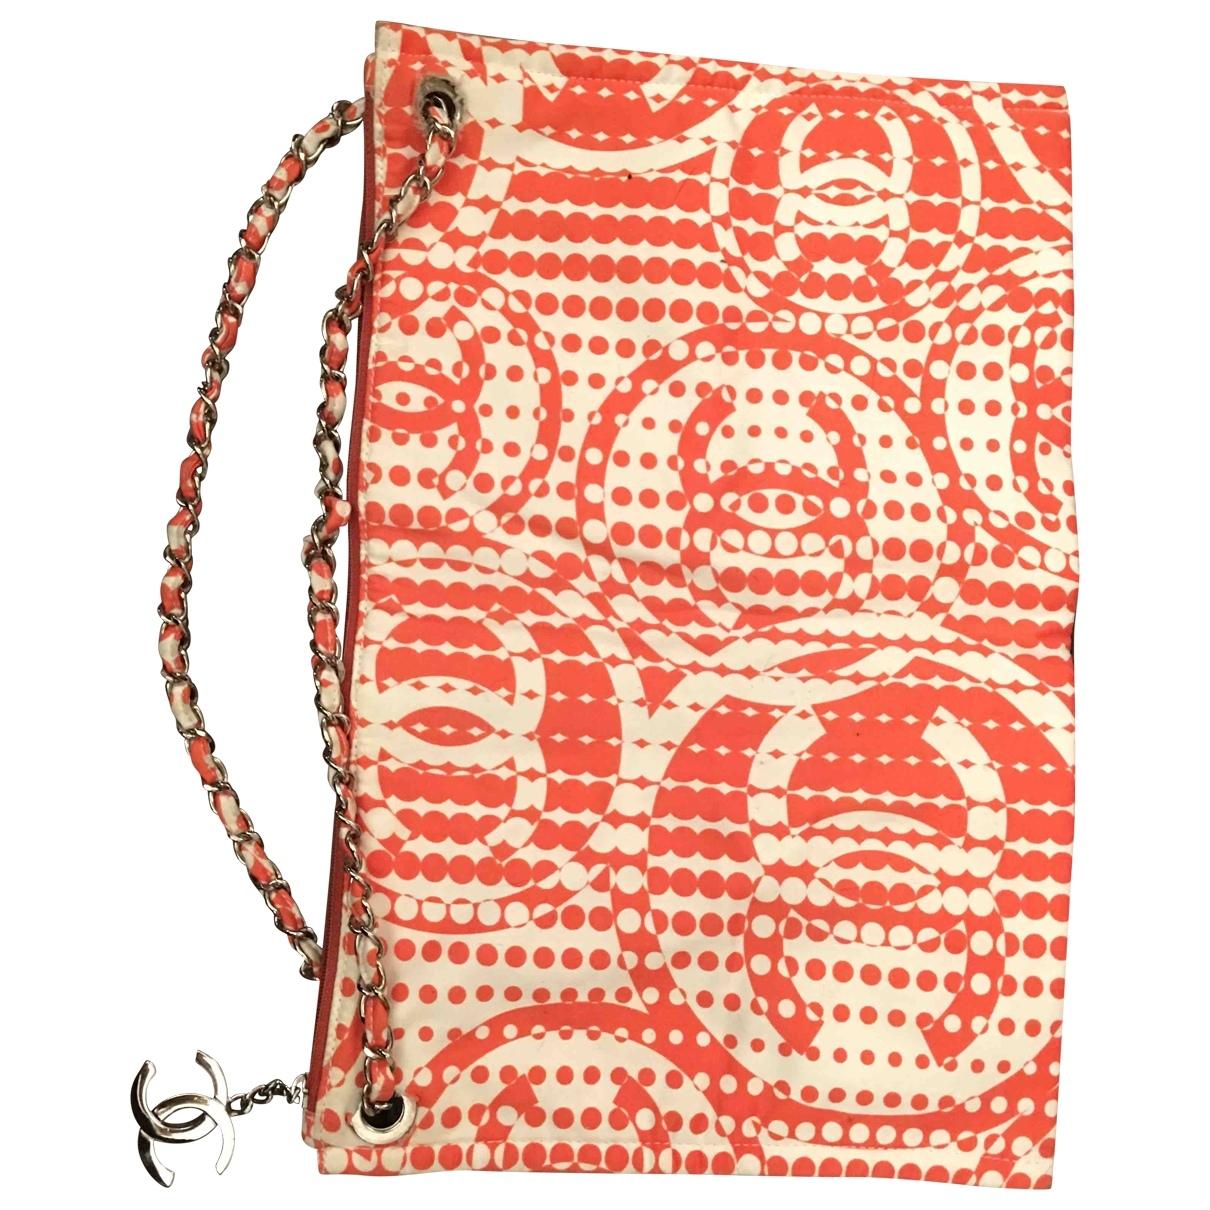 Chanel - Sac a main   pour femme en coton - orange